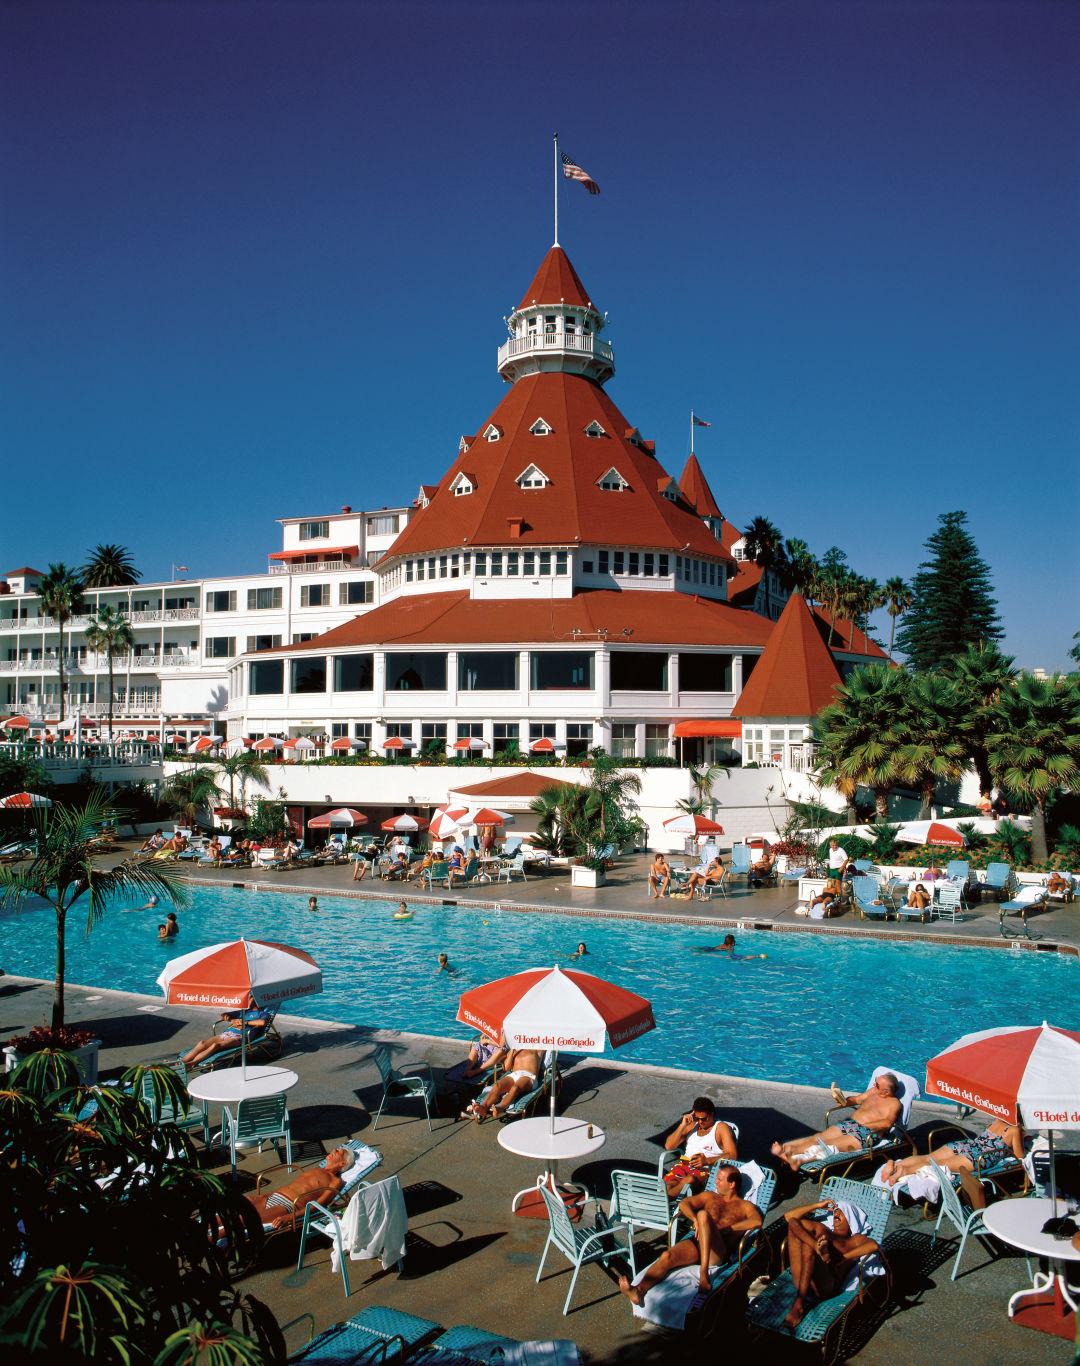 Pomo 0112 sunshine hotel coronado yynvbr